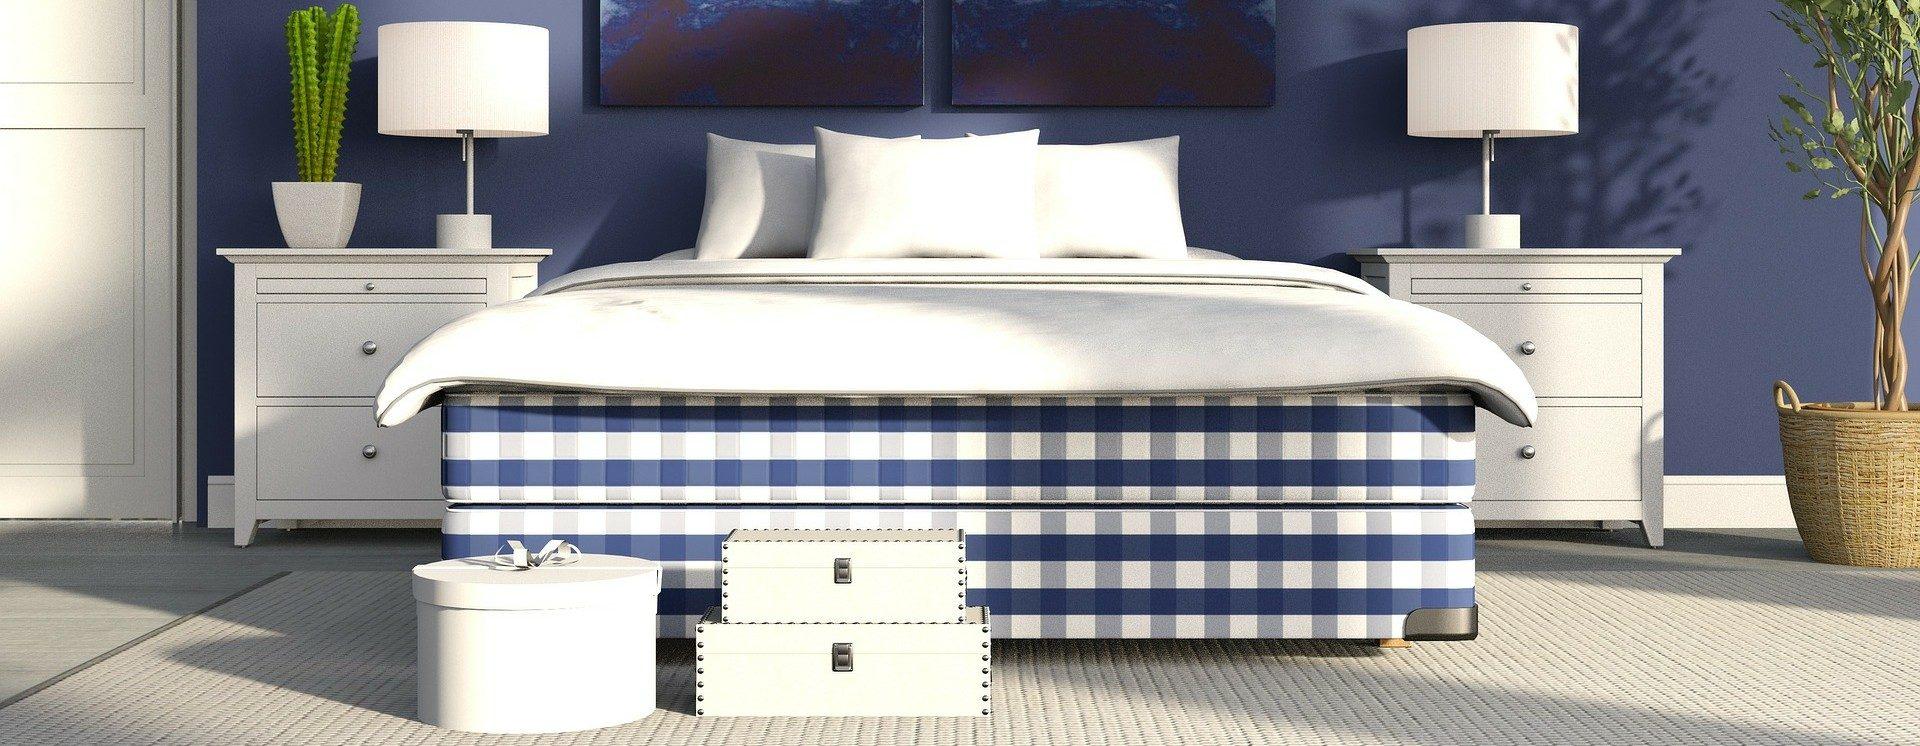 Full Size of Bett Günstig Kaufen Matratze Steens 200x180 Massivholz 180x200 Mit Bettkasten Stauraum 160x200 Kopfteil Für Even Better Clinique Weiße Betten Einfaches Bett Bett Günstig Kaufen